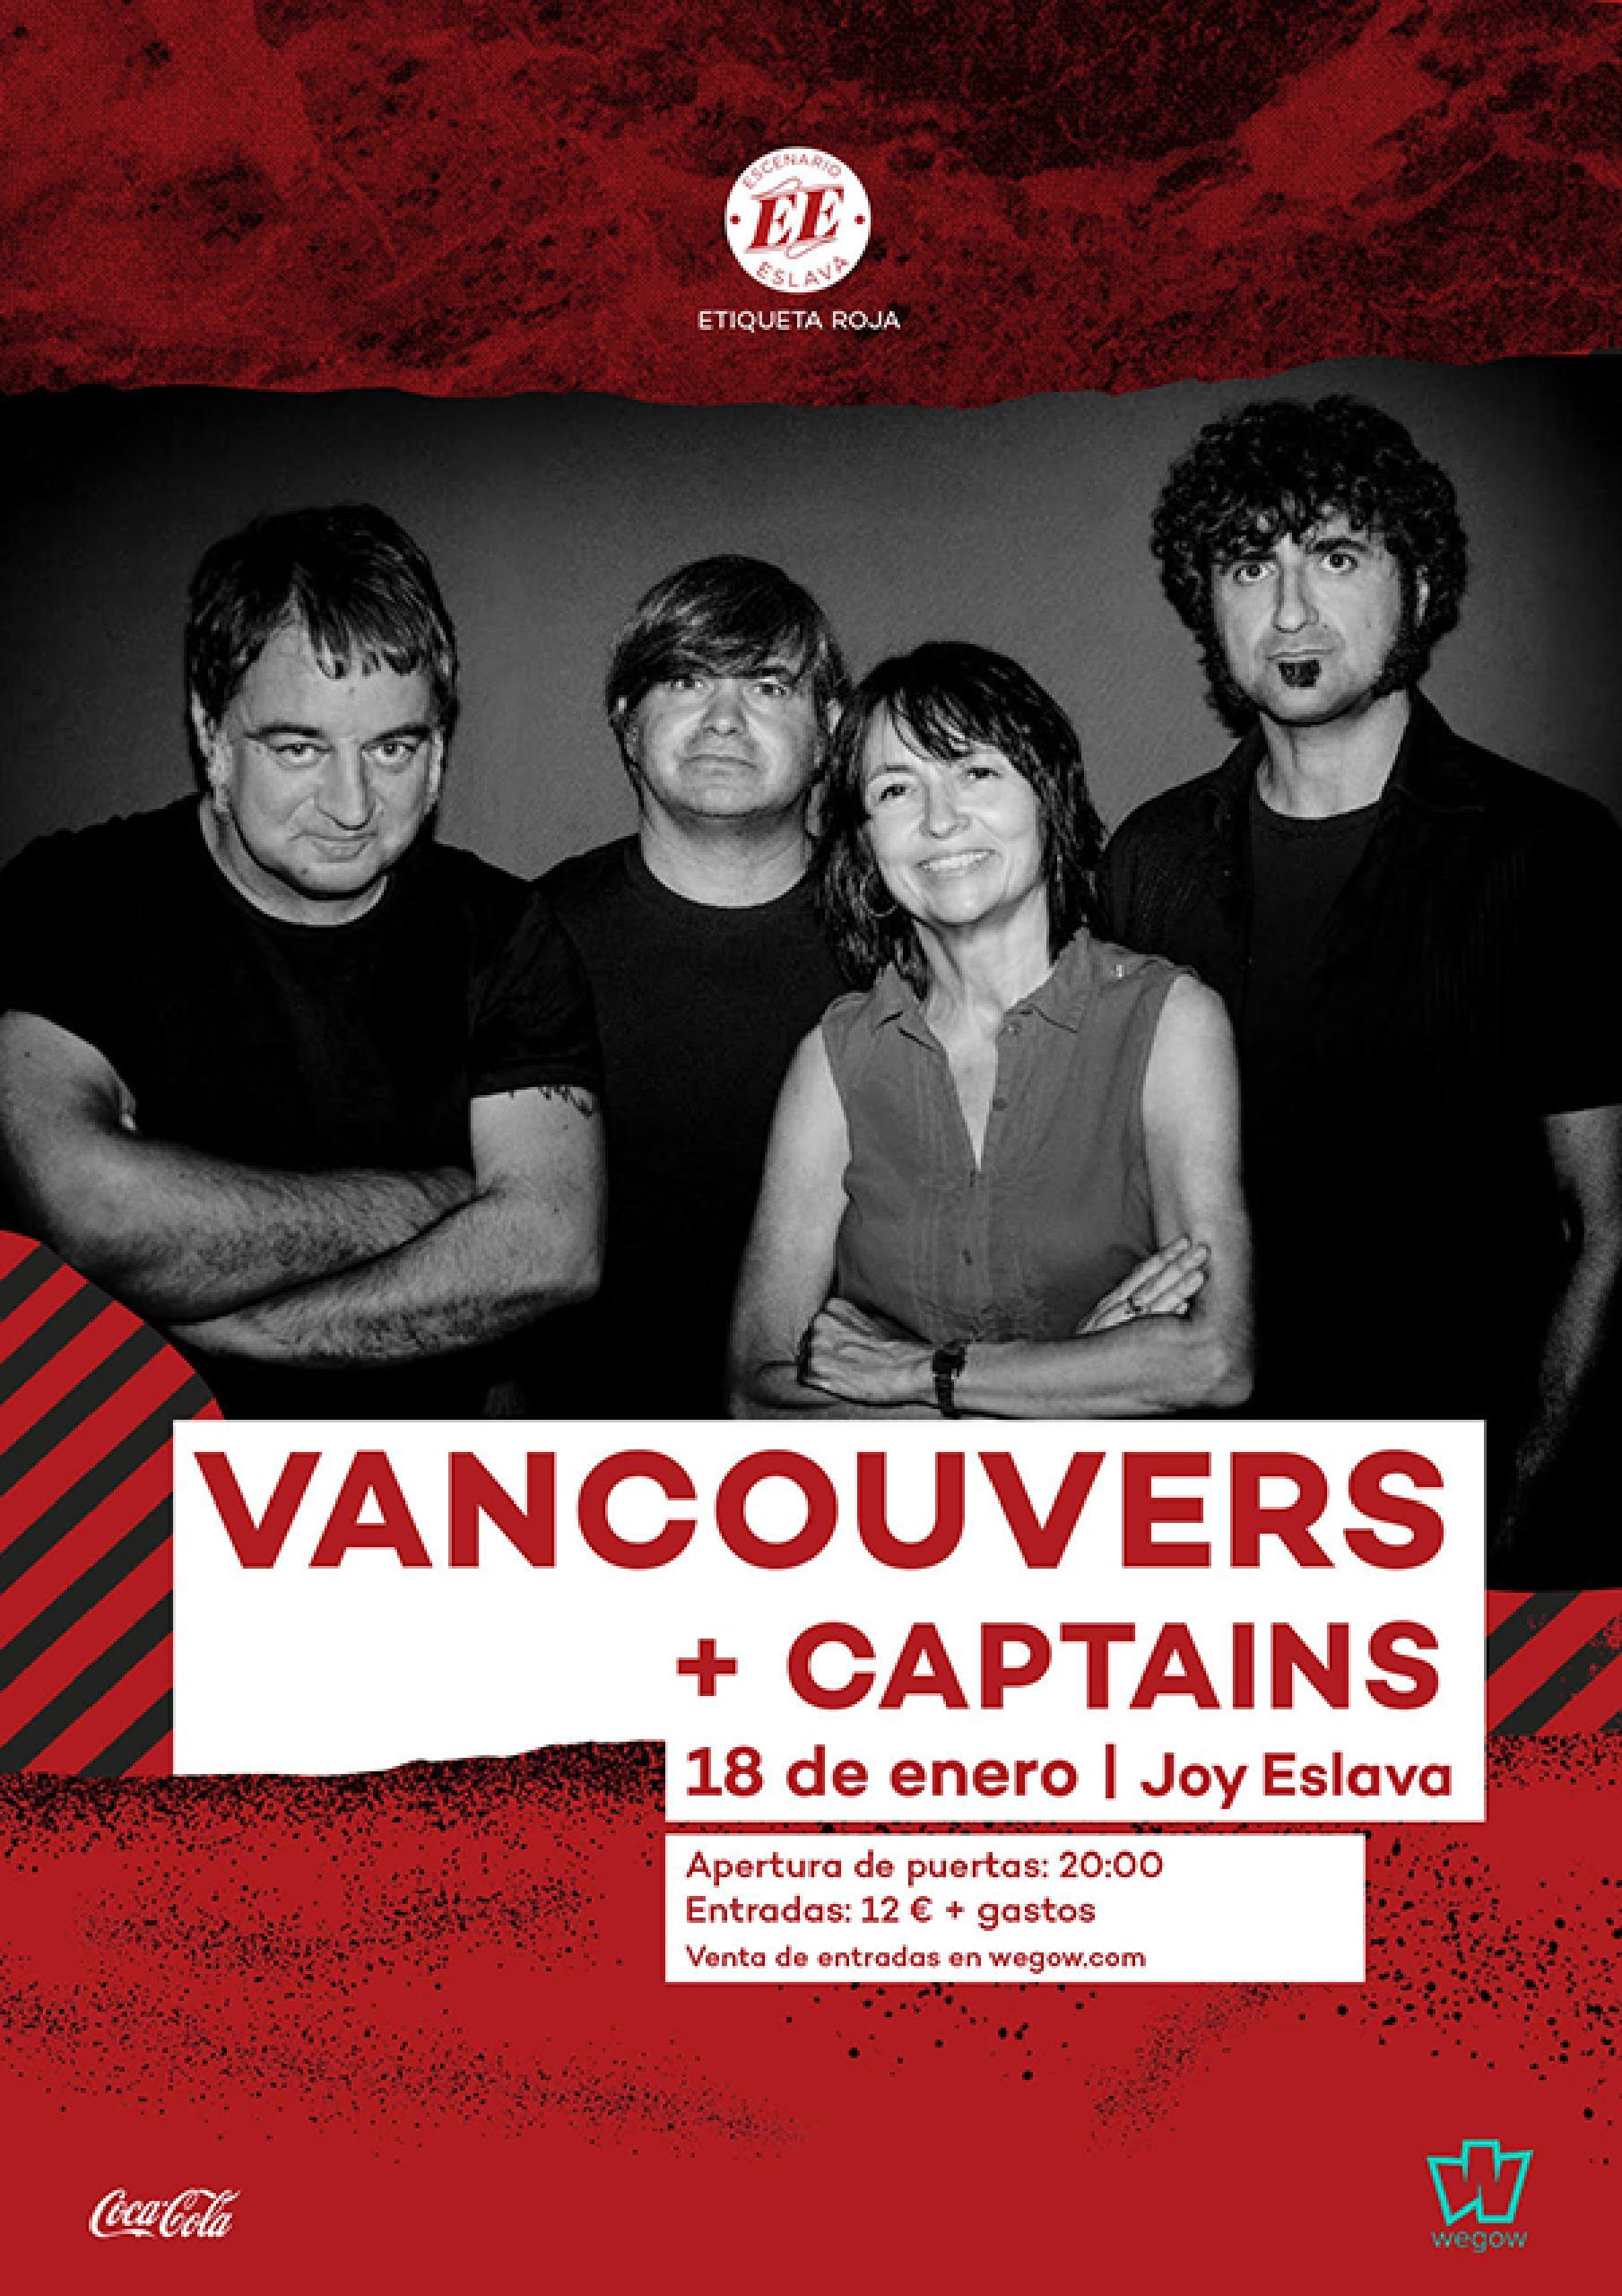 vancouvers captains cartel concierto joy eslava escenario eslava